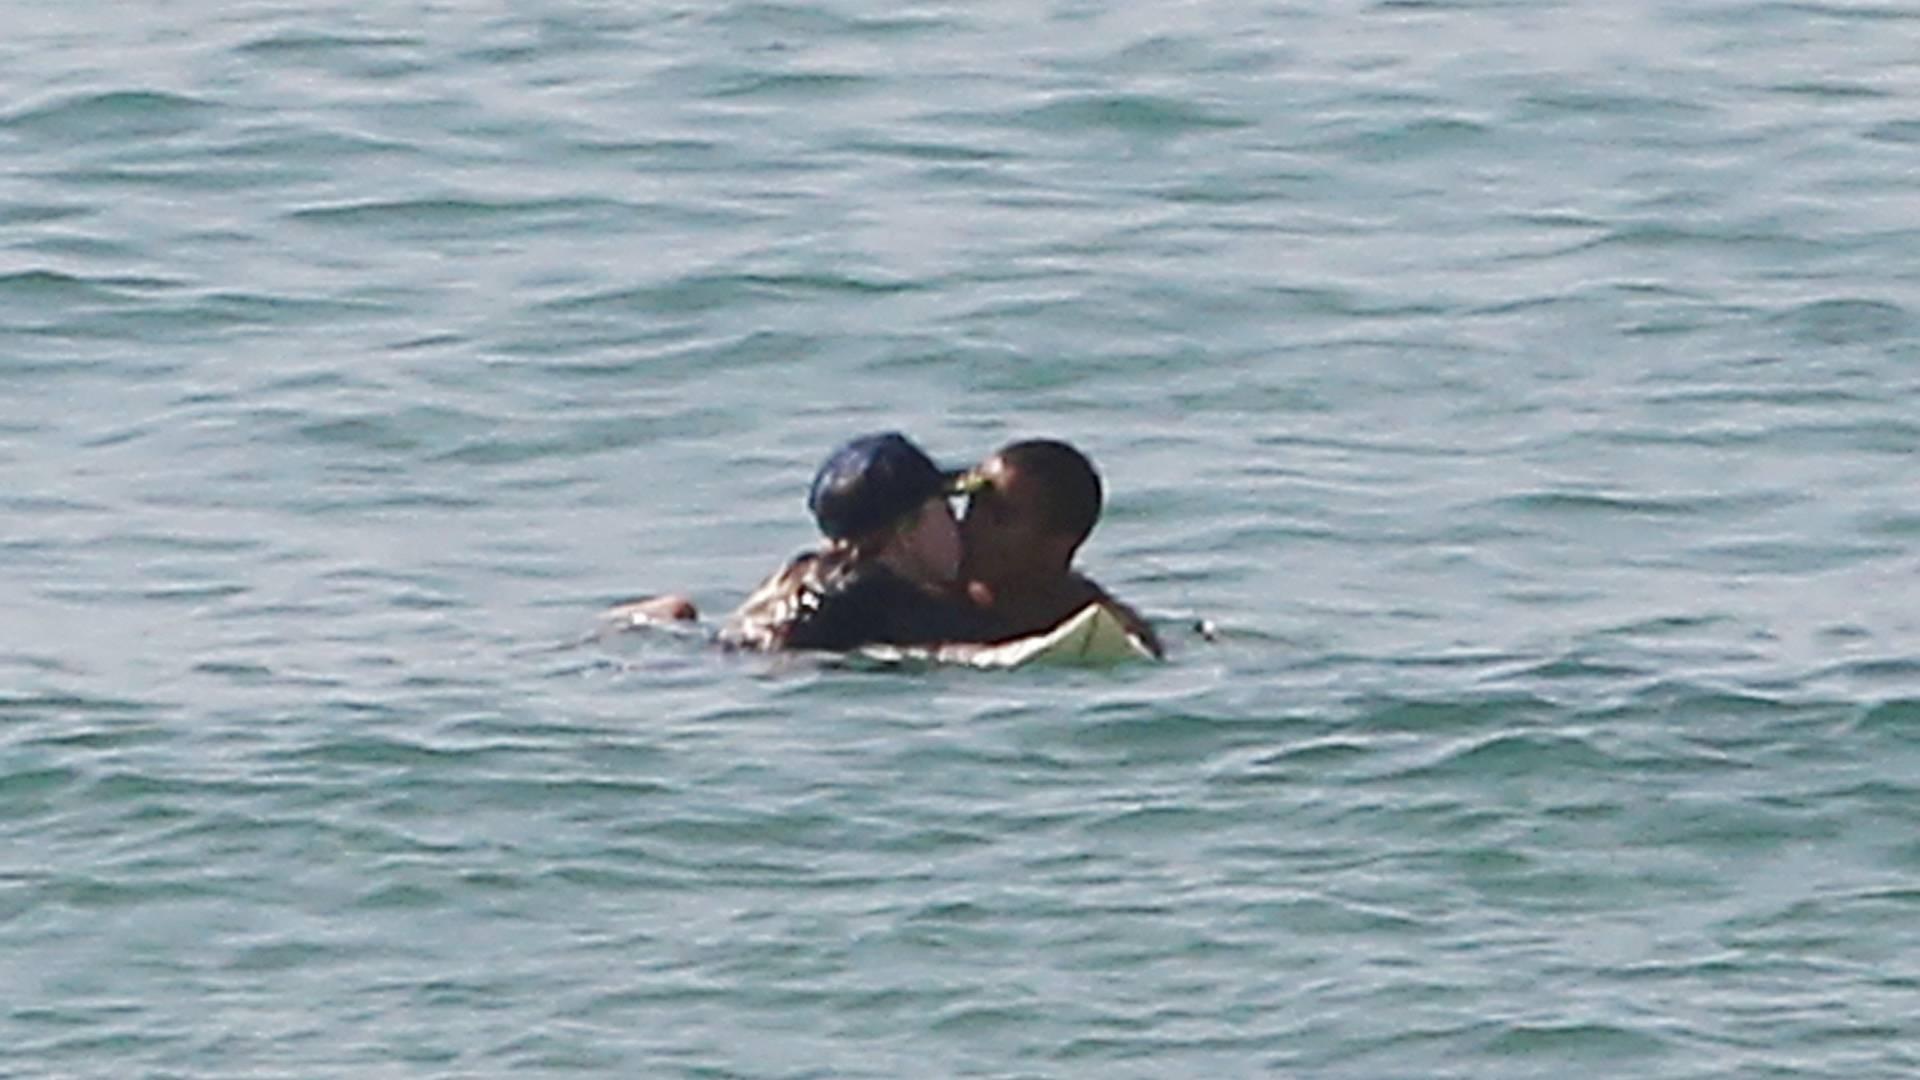 Madonna troca beijos com o namorado durante banho de mar (20/8/11)